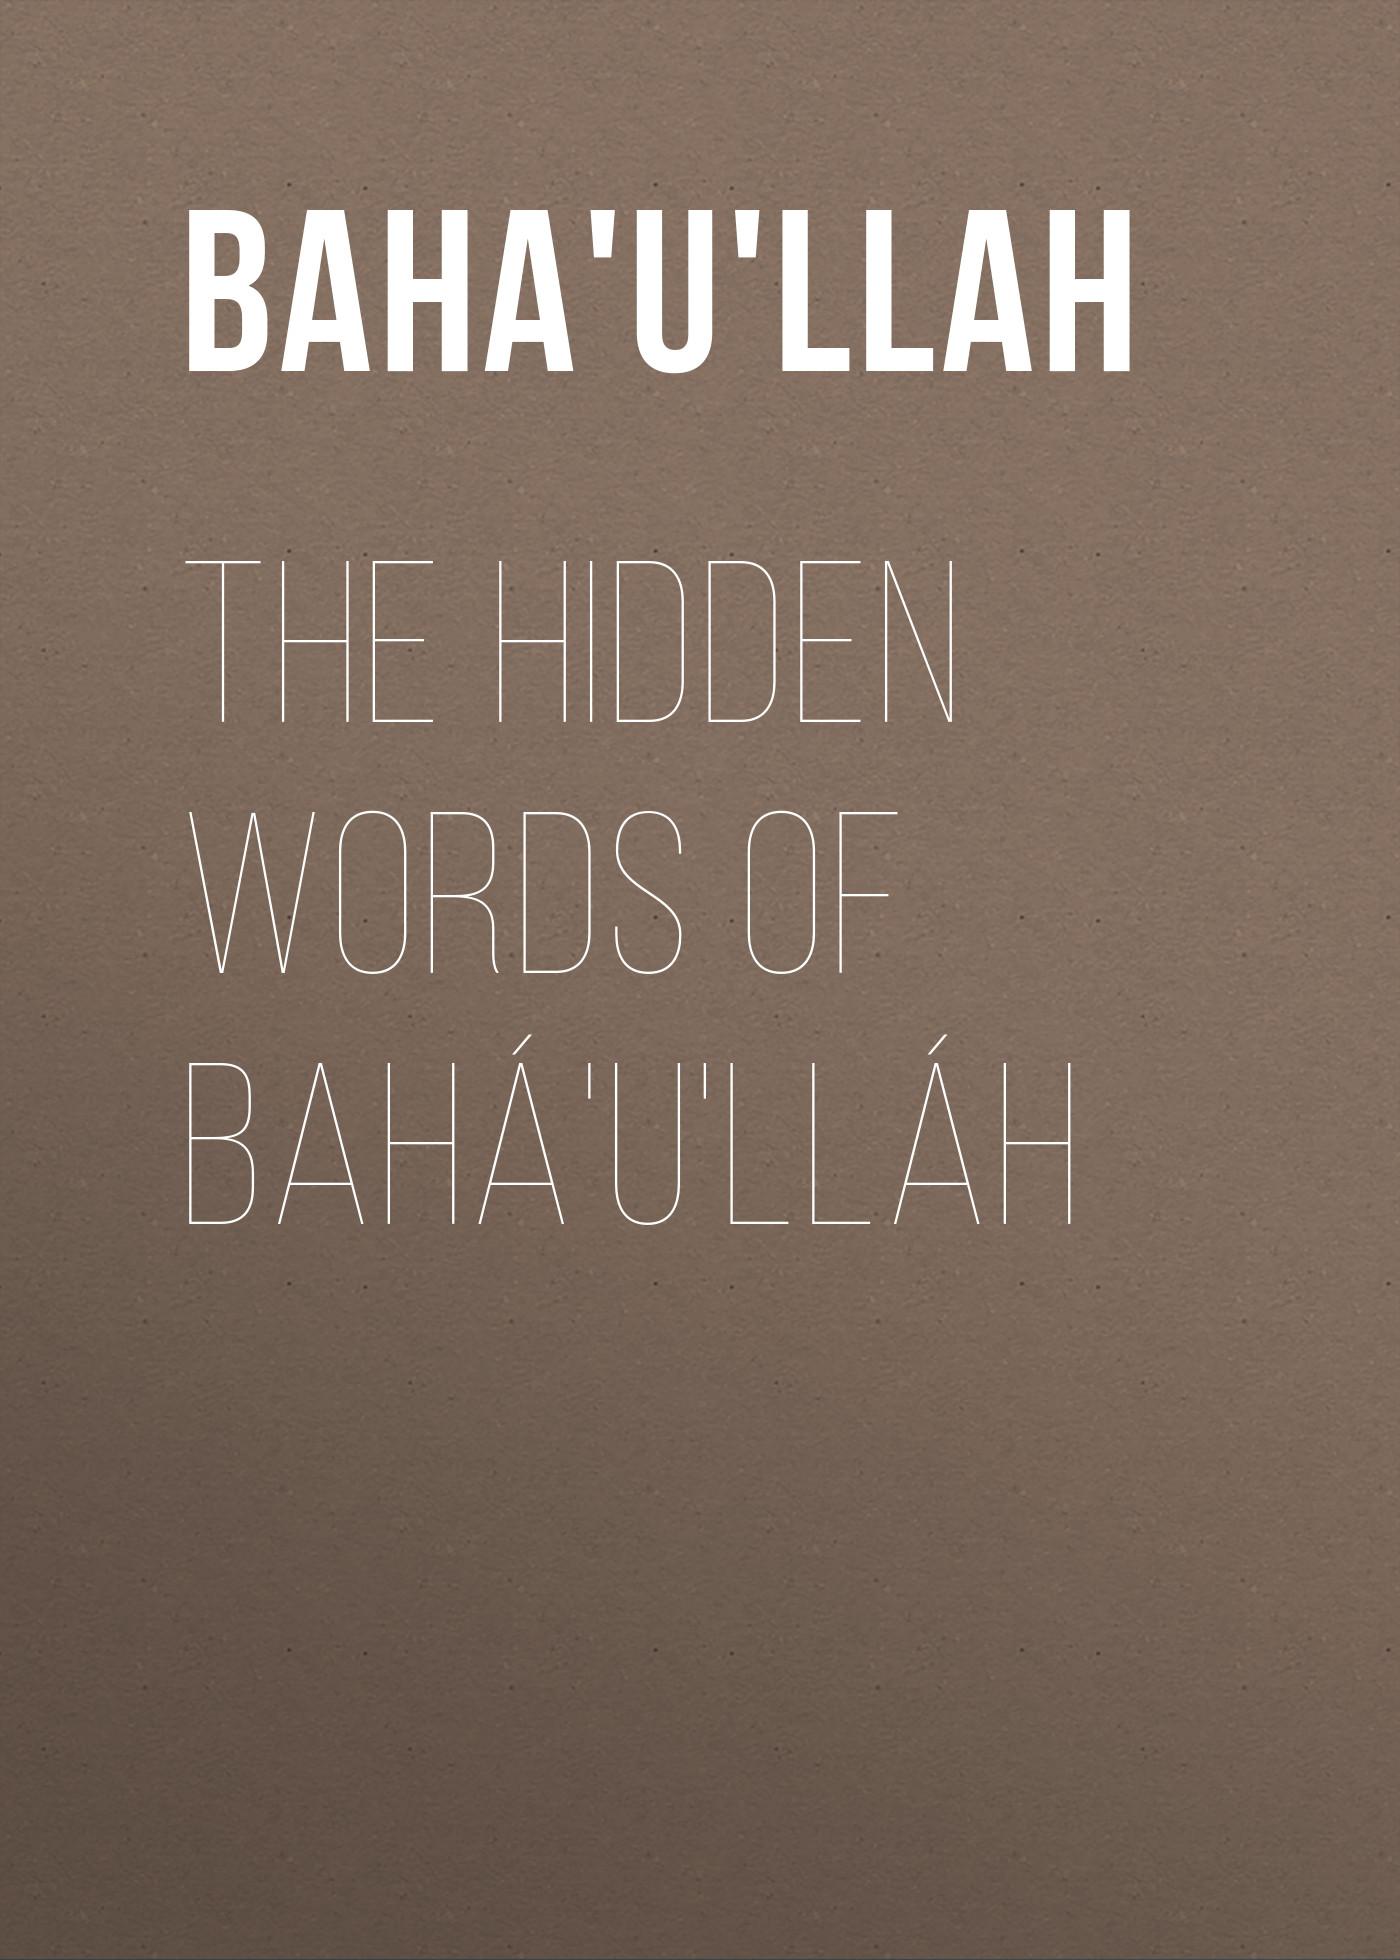 Baha'u'llah The Hidden Words of Bahá'u'lláh dome of the hidden pavilion